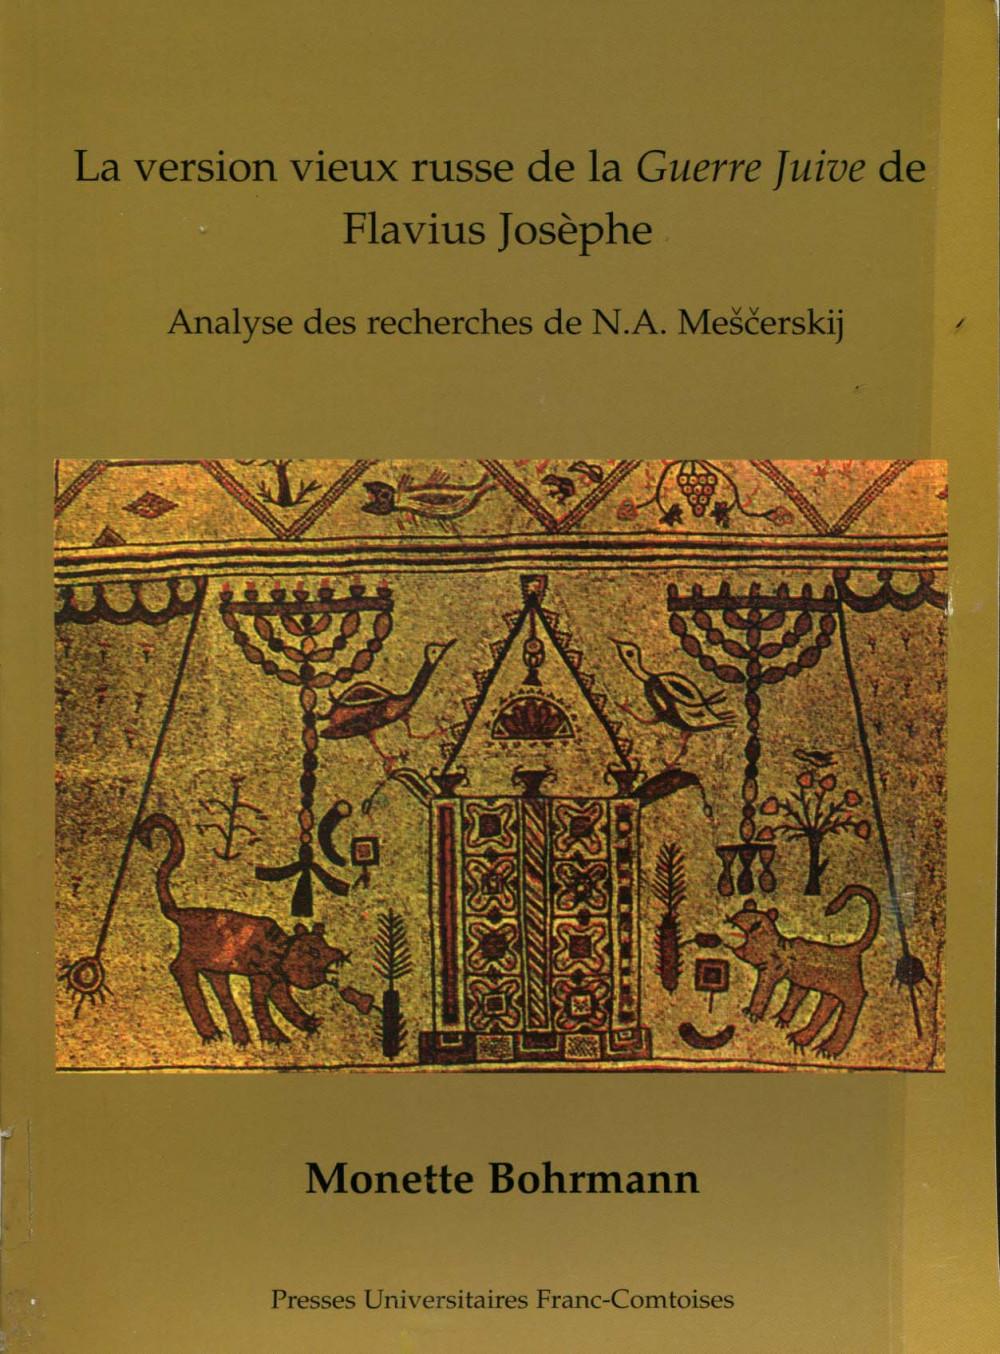 La version vieux russe de la <i>Guerre juive</i> de Flavius Josèphe